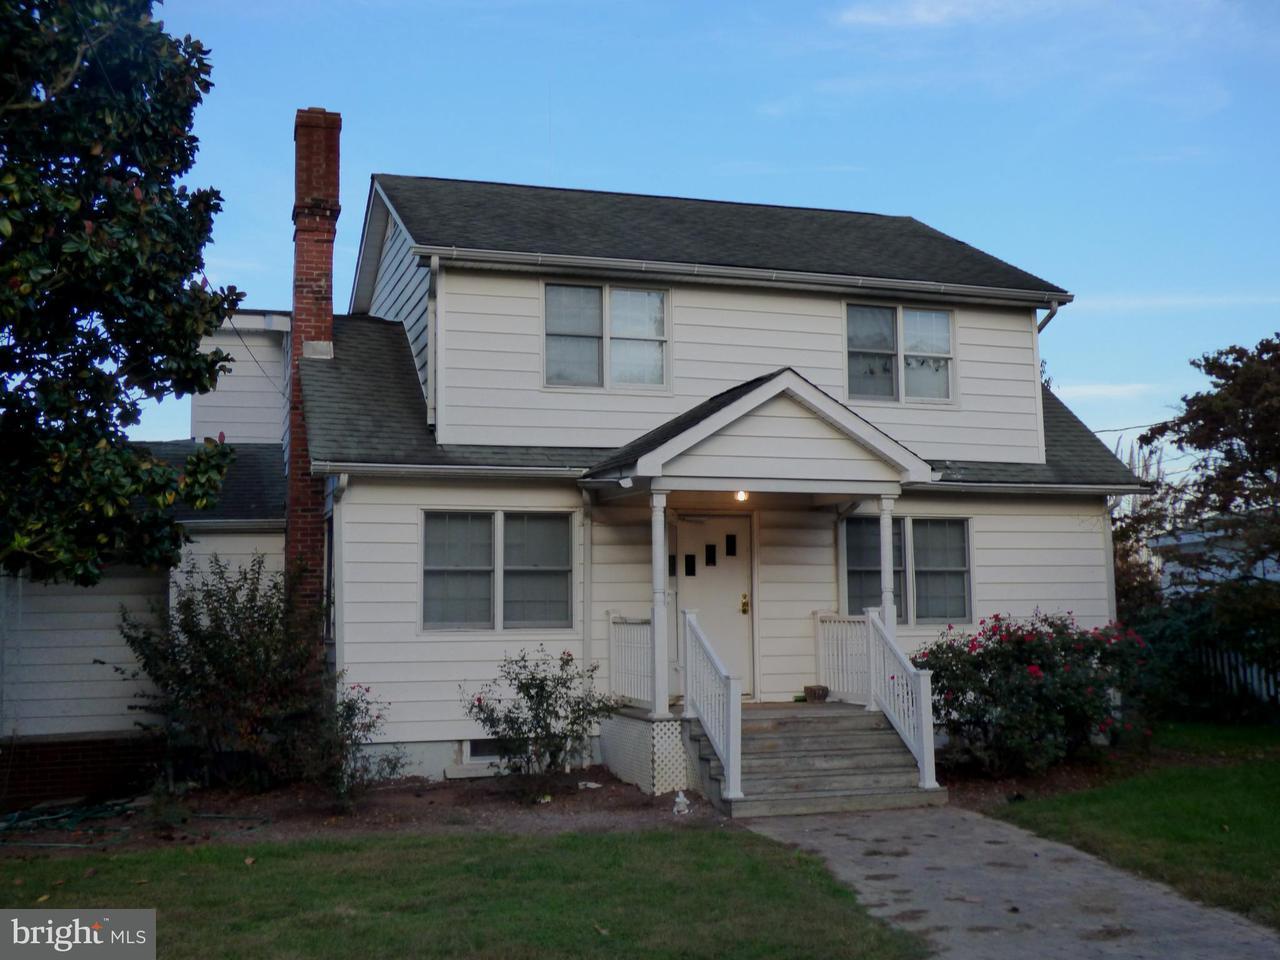 一戸建て のために 売買 アット 14324 Calvert Street 14324 Calvert Street Solomons, メリーランド 20688 アメリカ合衆国